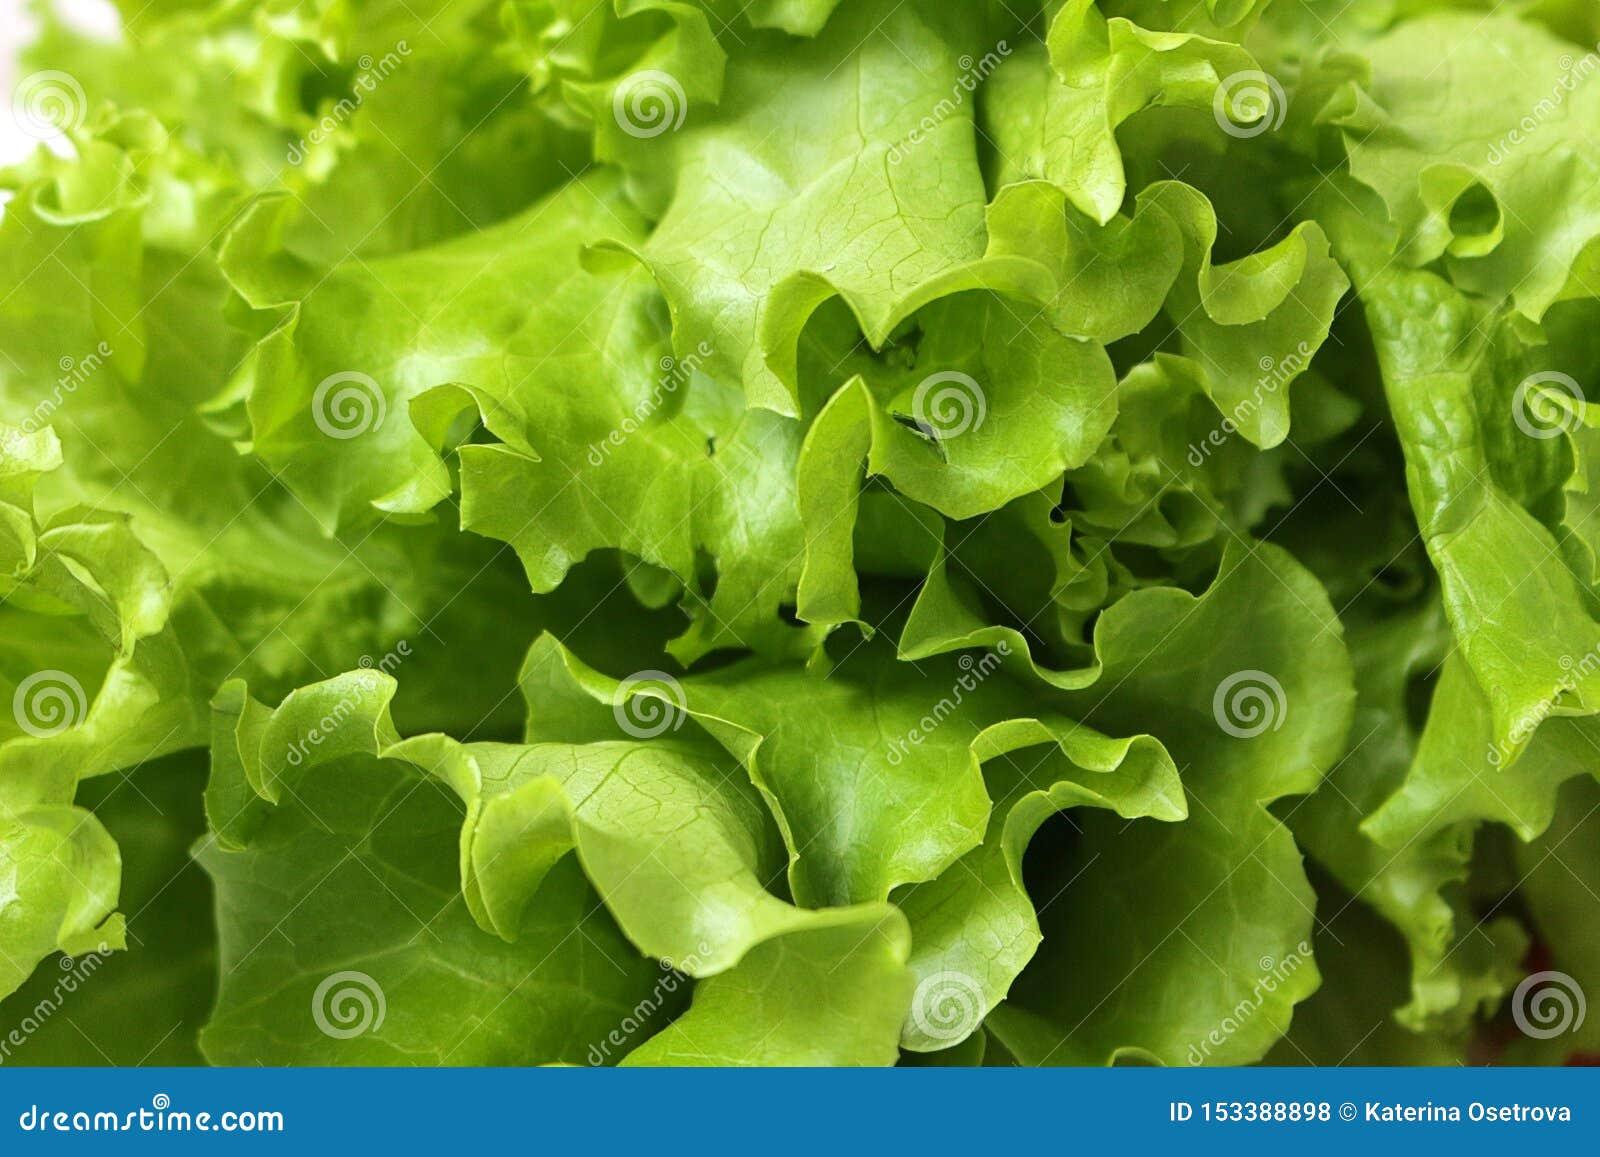 Fine sulle foglie fresche della lattuga sviluppate in giardino domestico